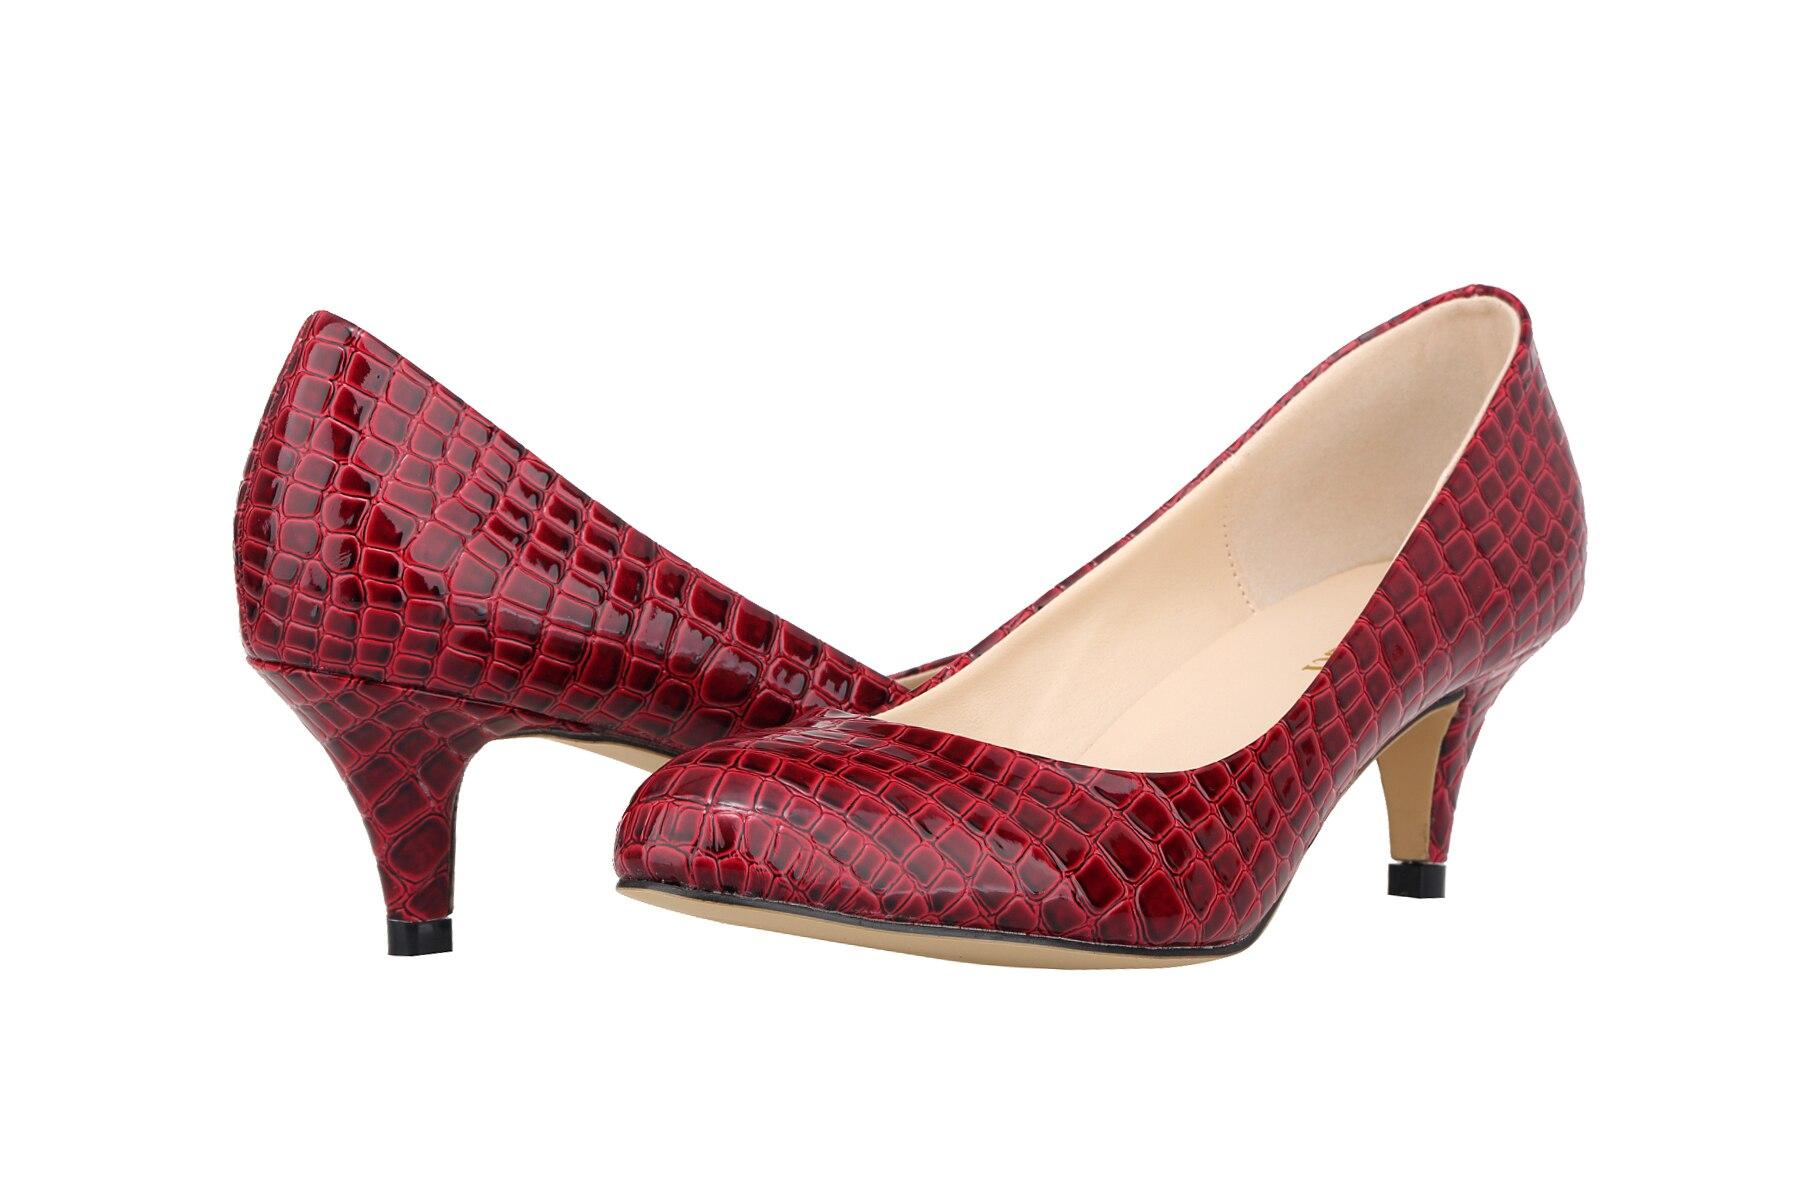 e5562306132c1 Faux Crocodile Chaussures Femme Dames de Bureau Chaussures Femmes Talons  hauts Chaussures Point Toe Femmes Pompes Sapatos Femininos Salto 332-1EY